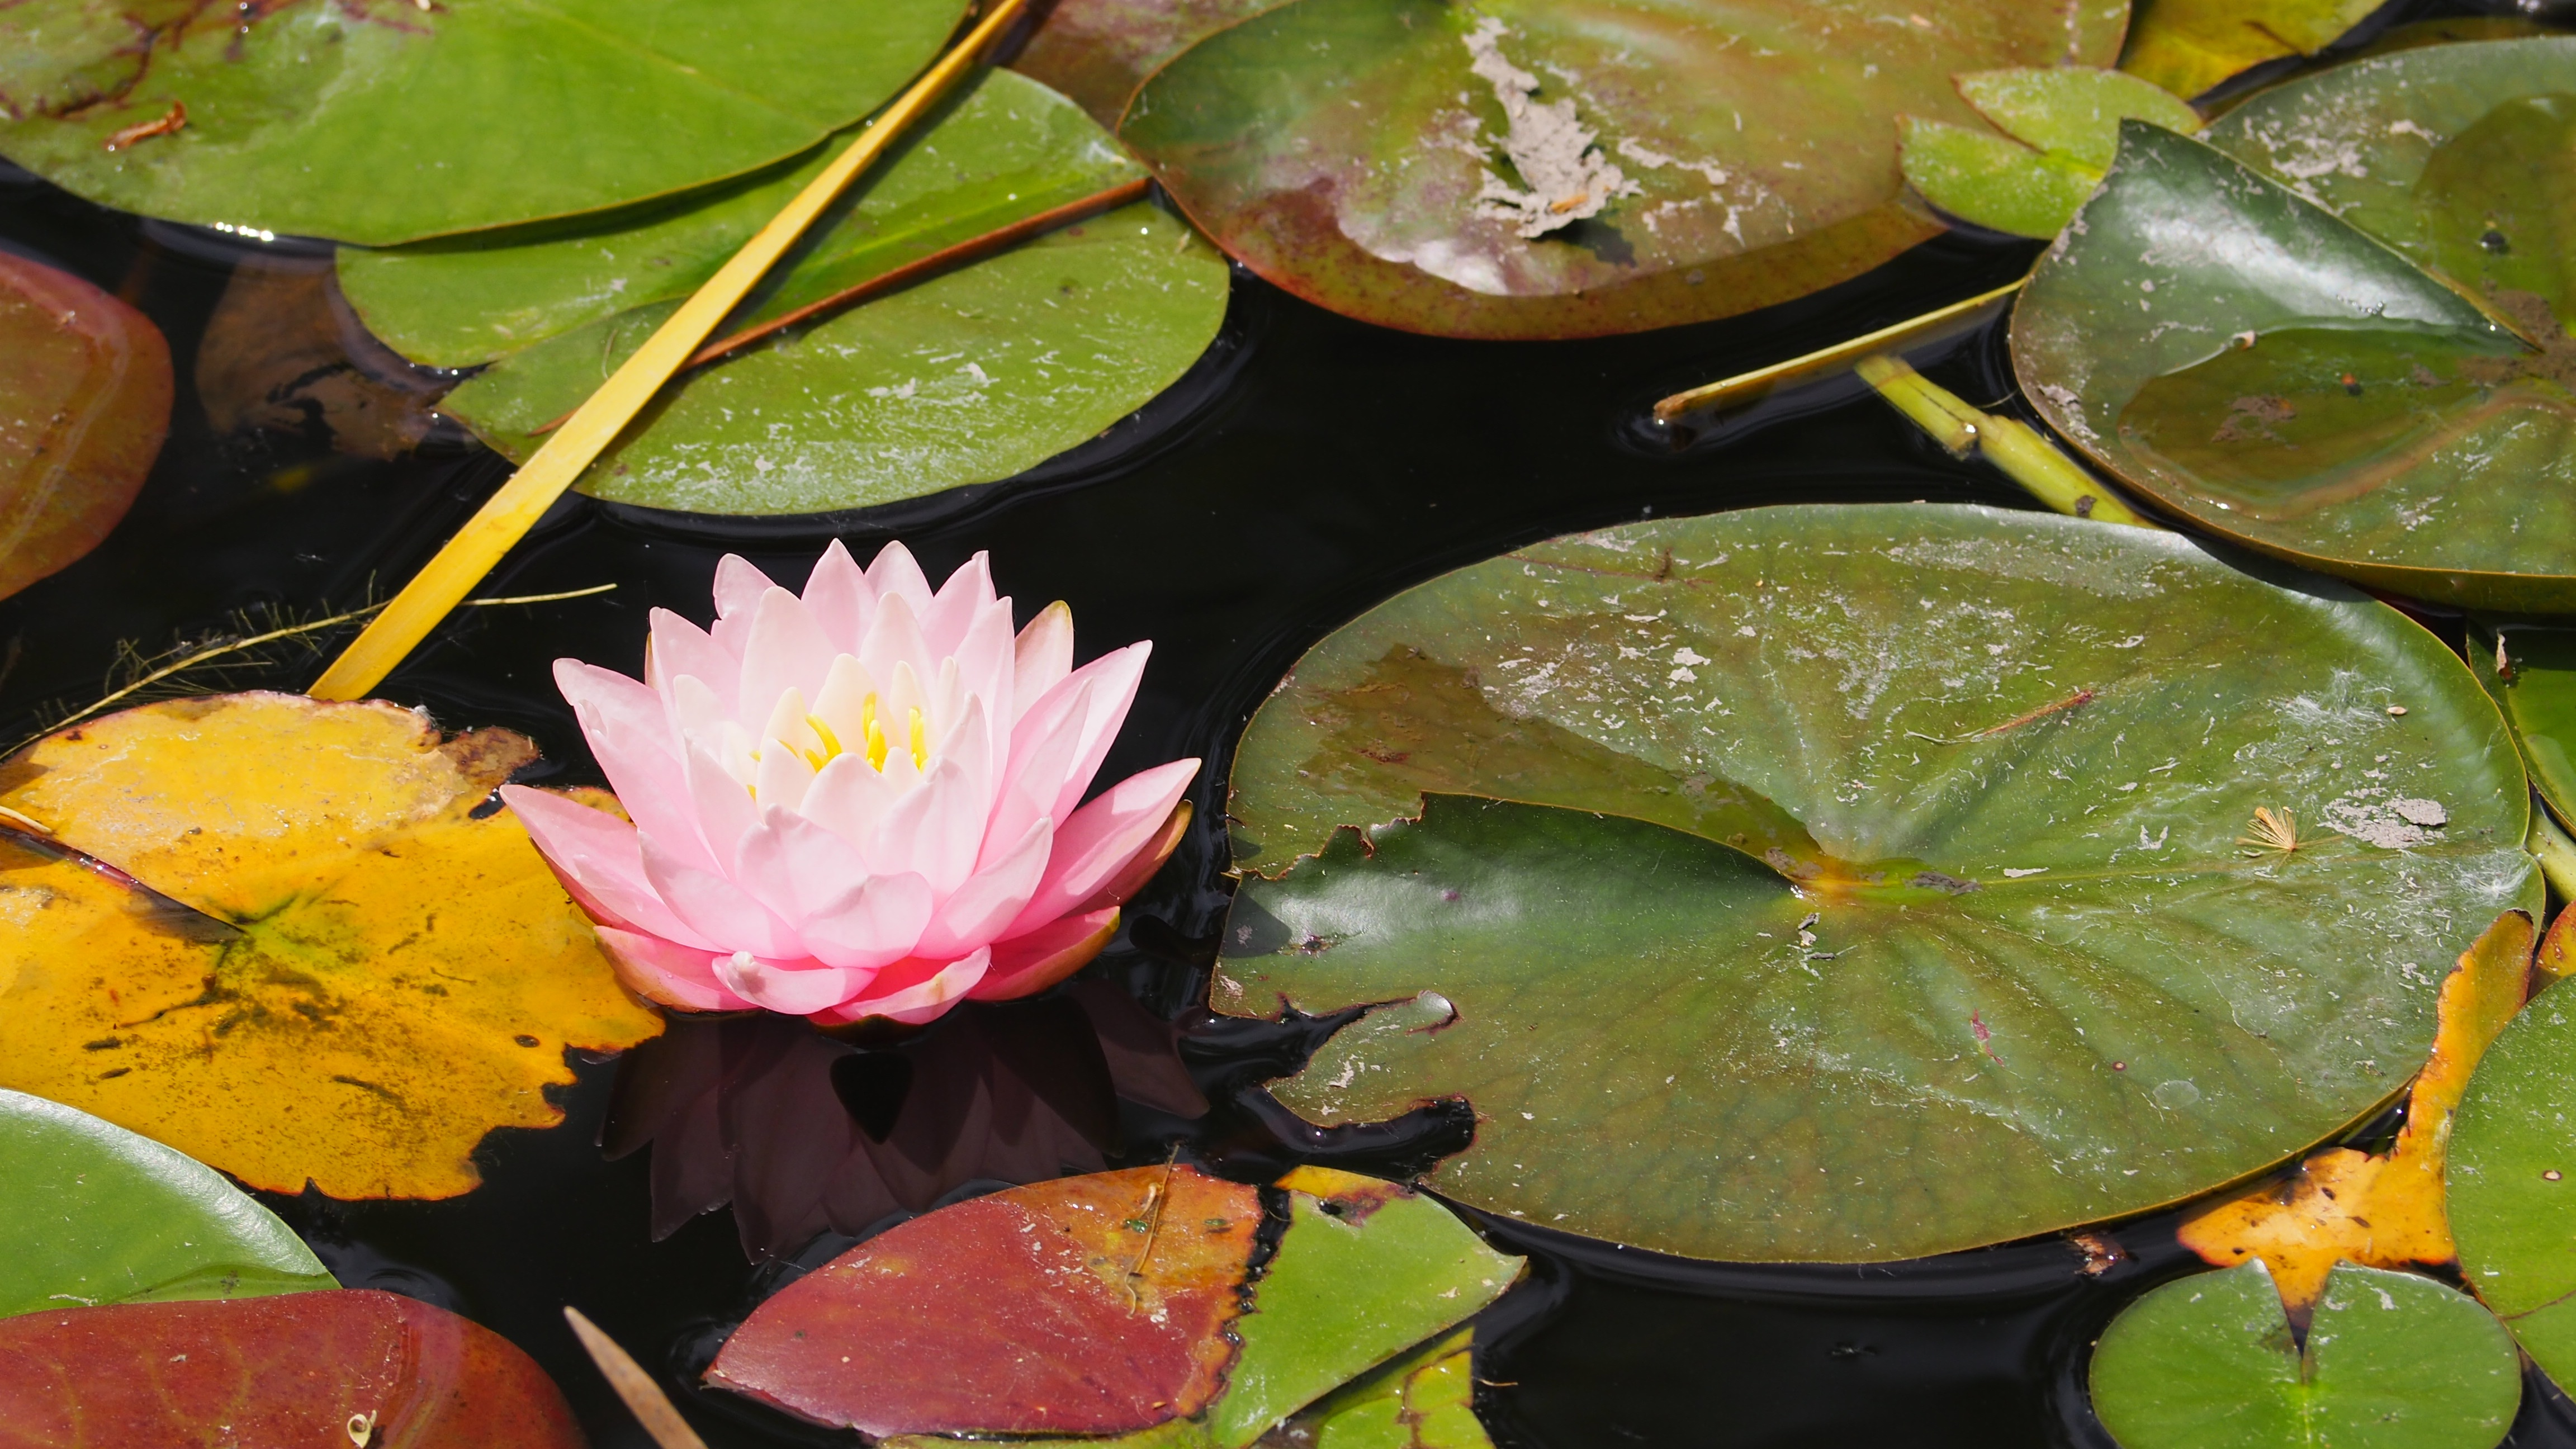 Perfect Pink Lotus Flower Free Image